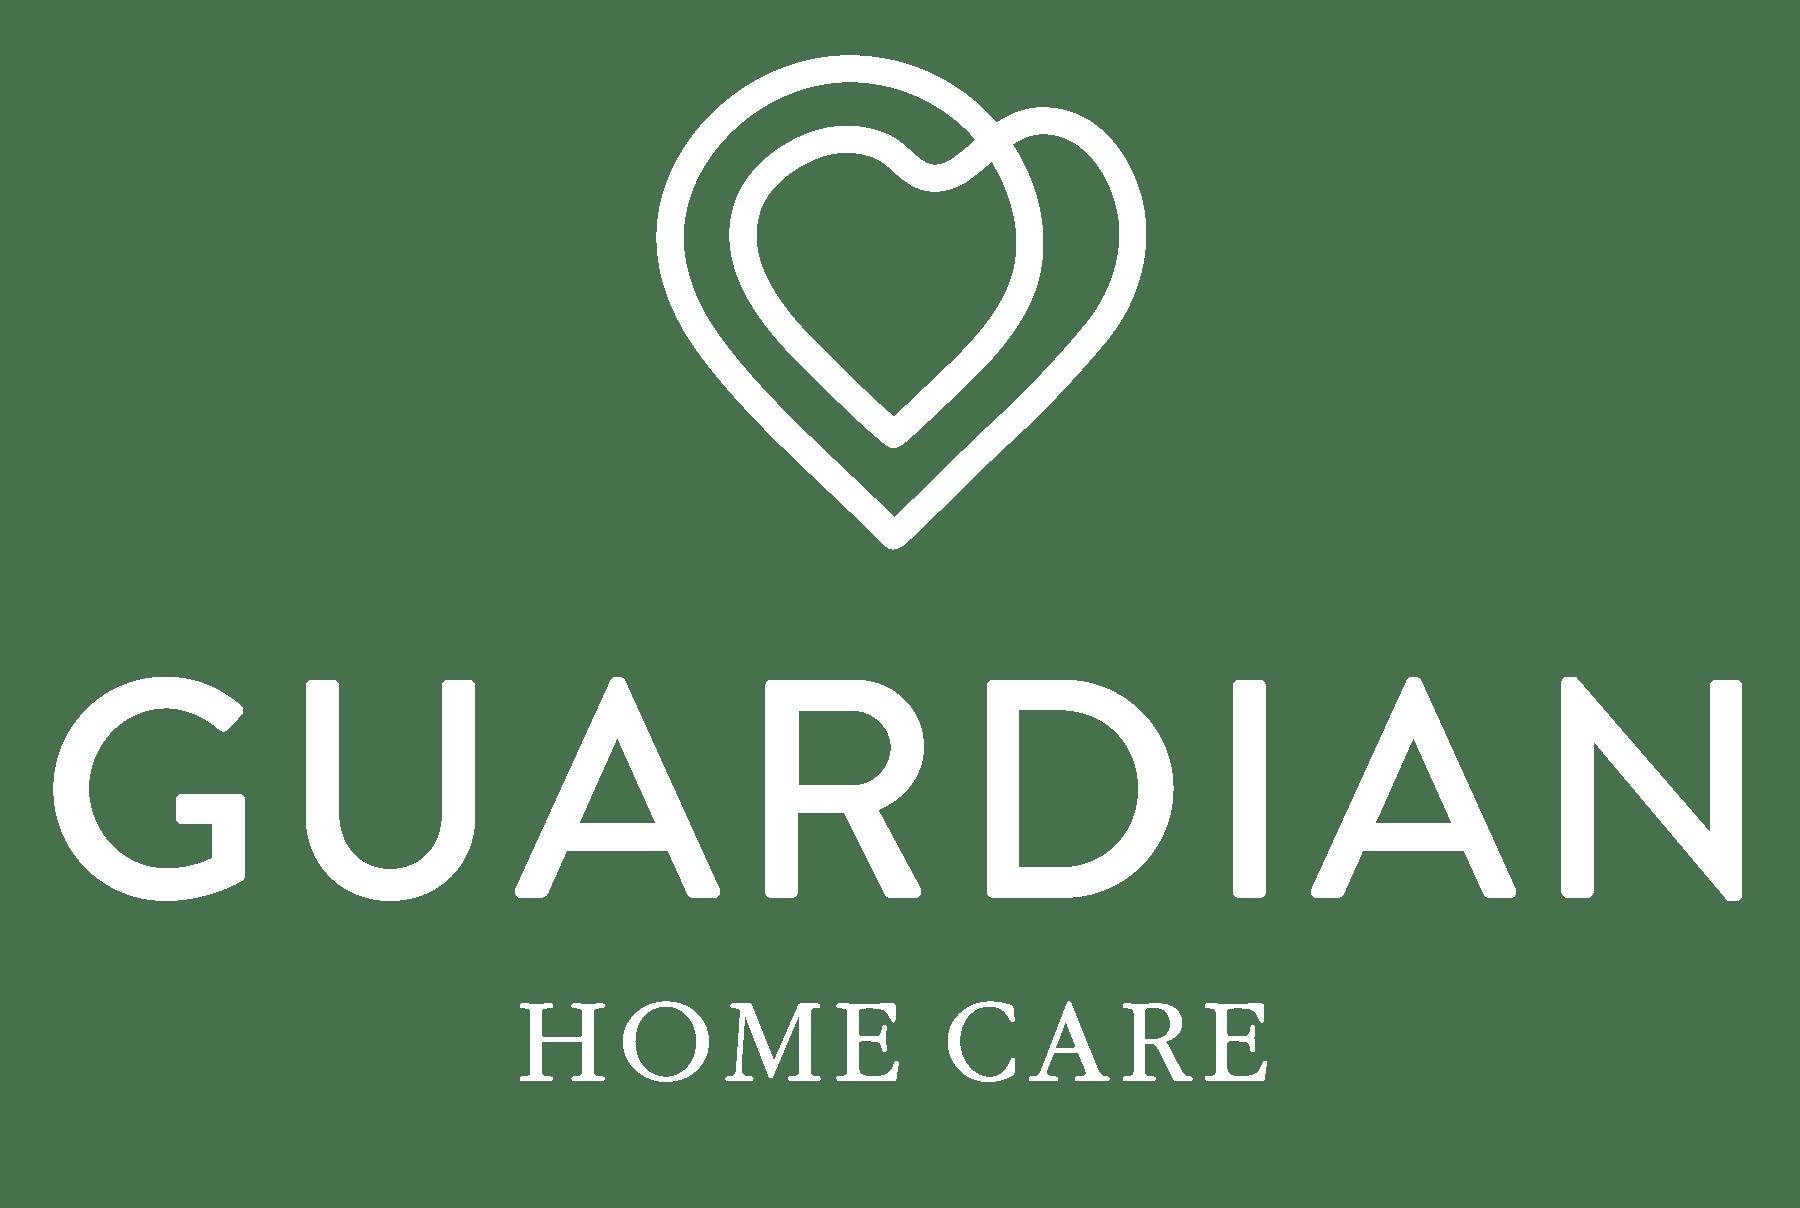 Toronto Senior Home Care Services